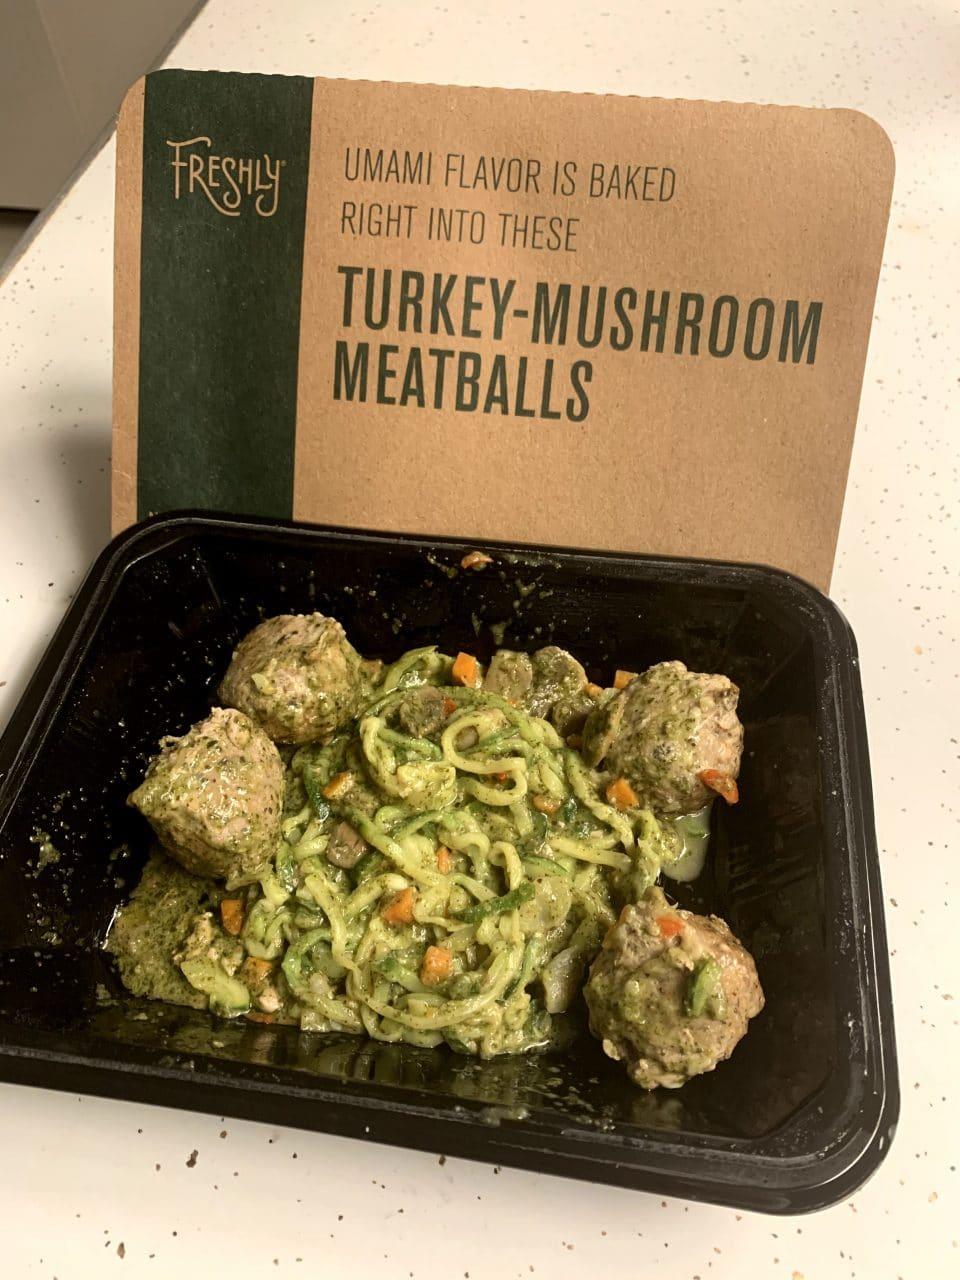 Turkey-Mushroom Meatballs - Freshly